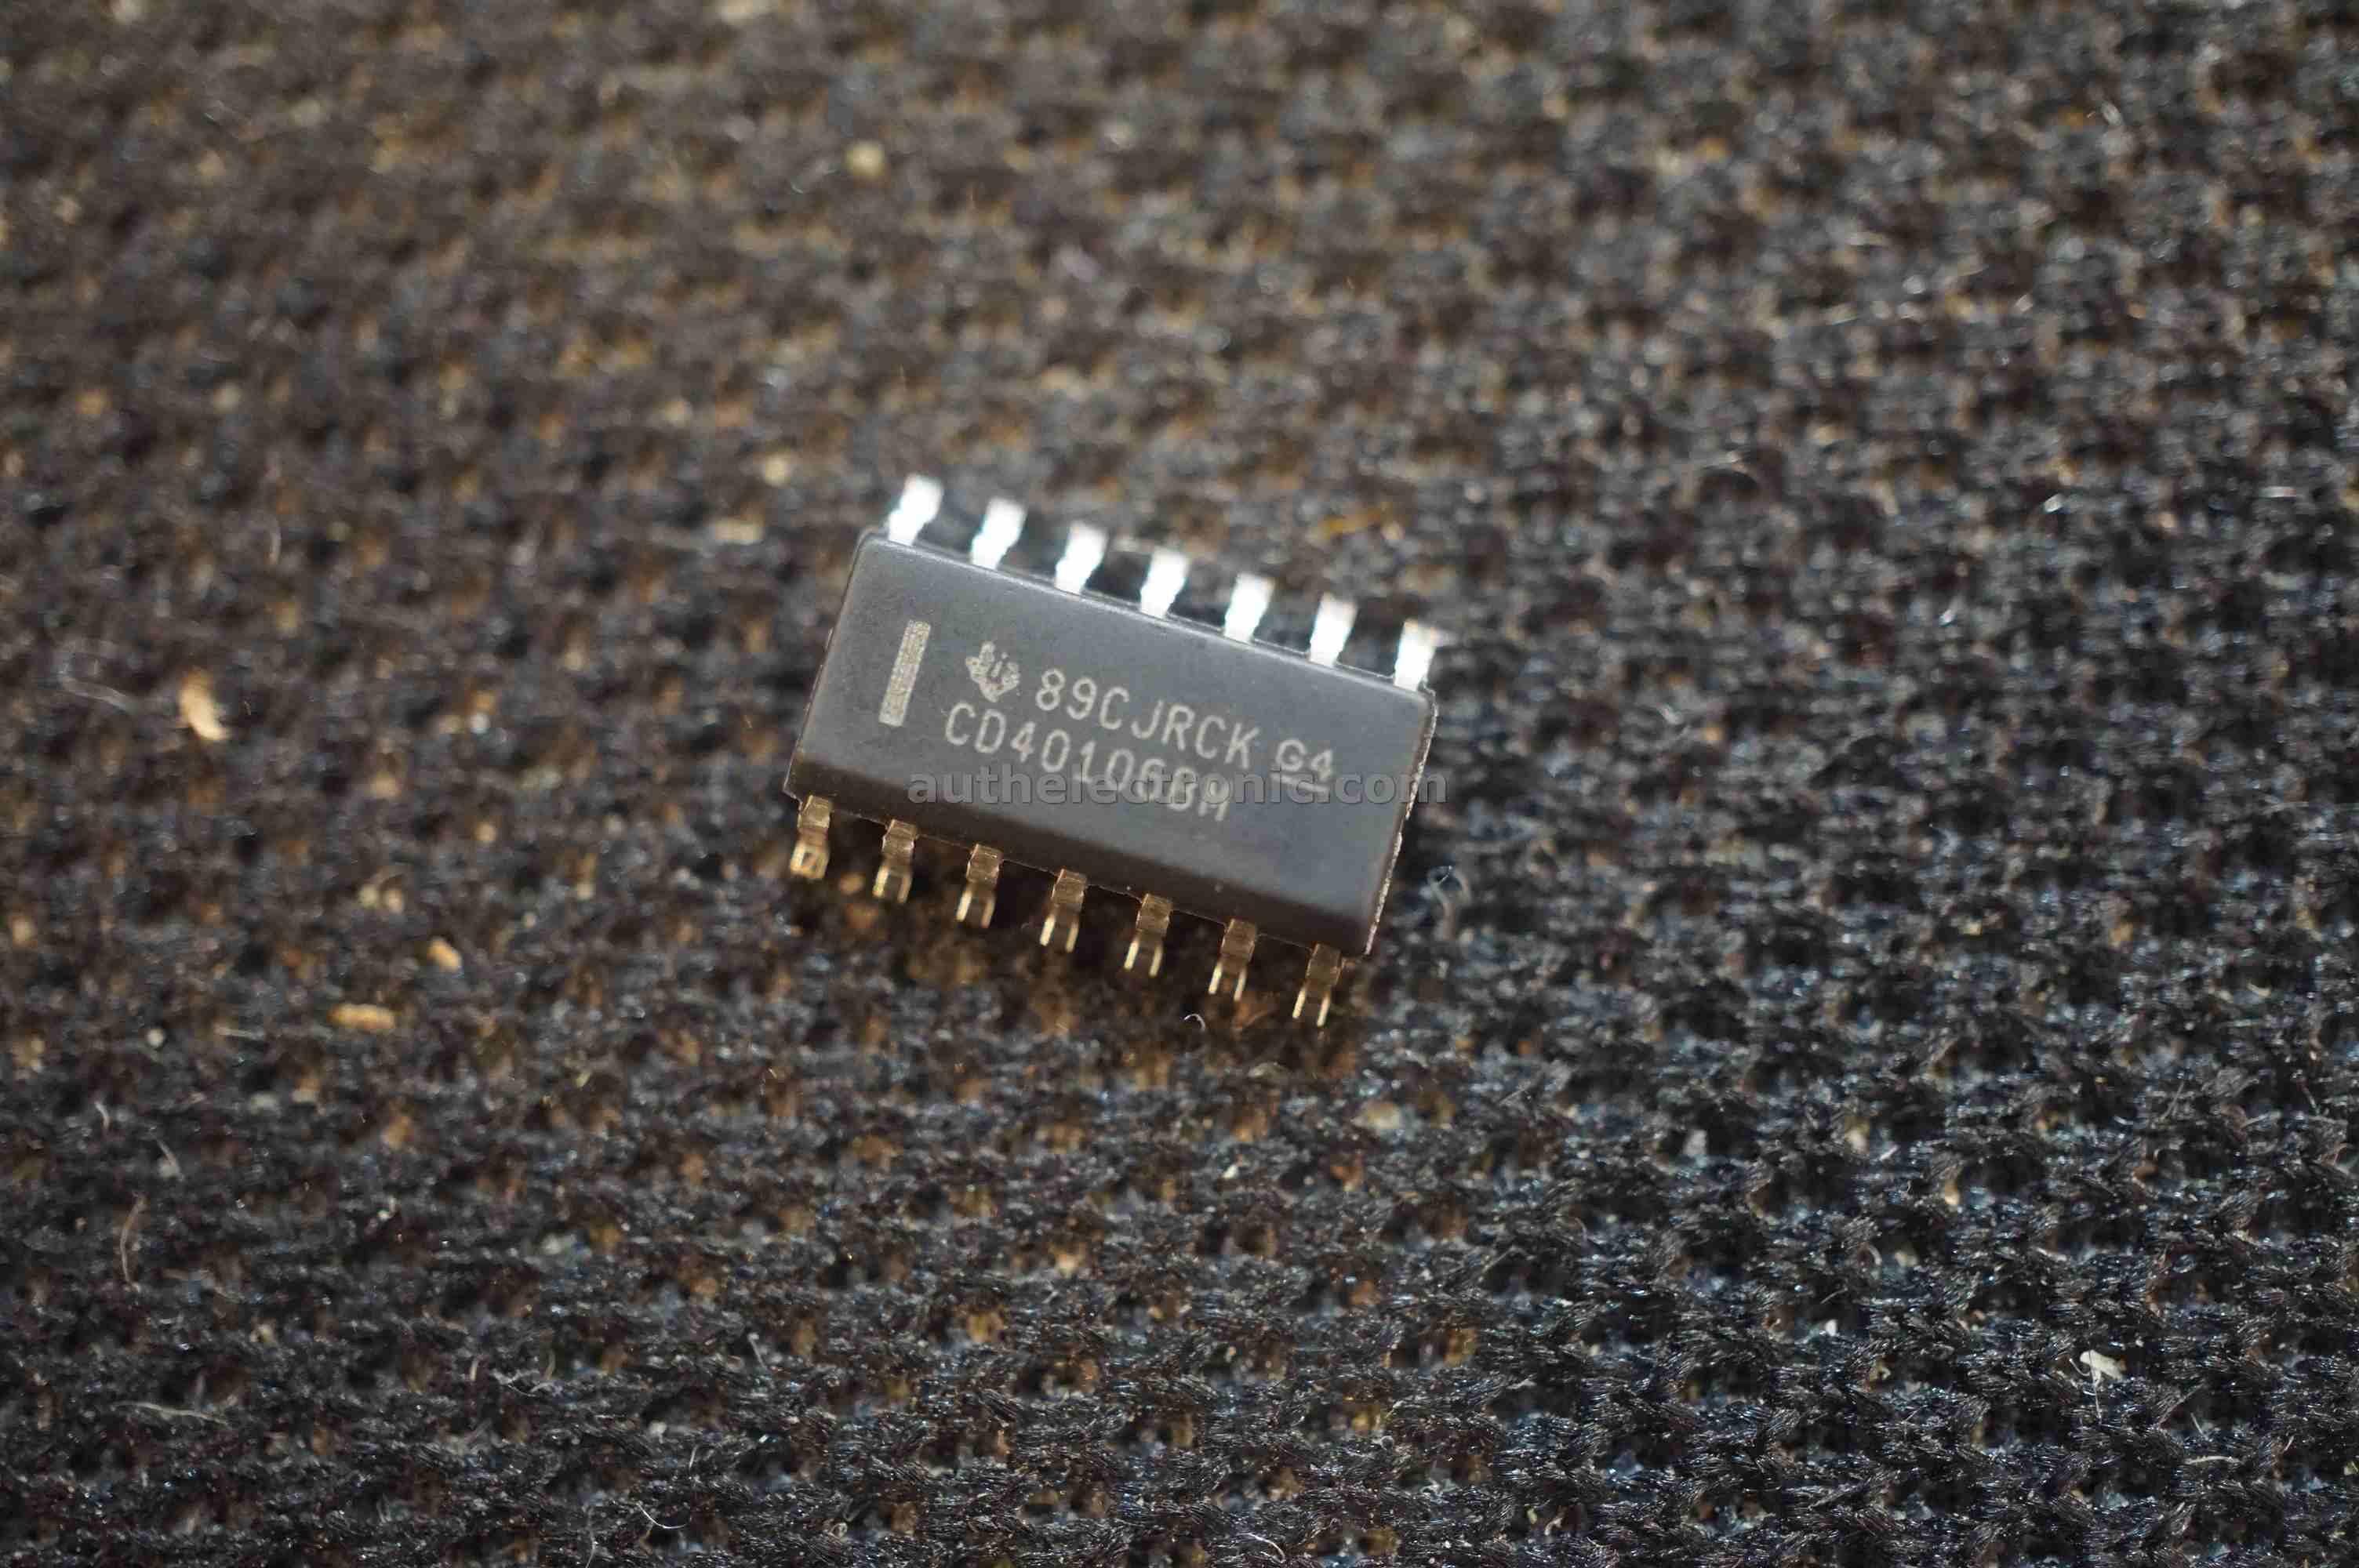 5pcs-original-cmos-hex-schmitt-triggers-logic-ic-cd40106bm-cd40106-40106-sop-14-